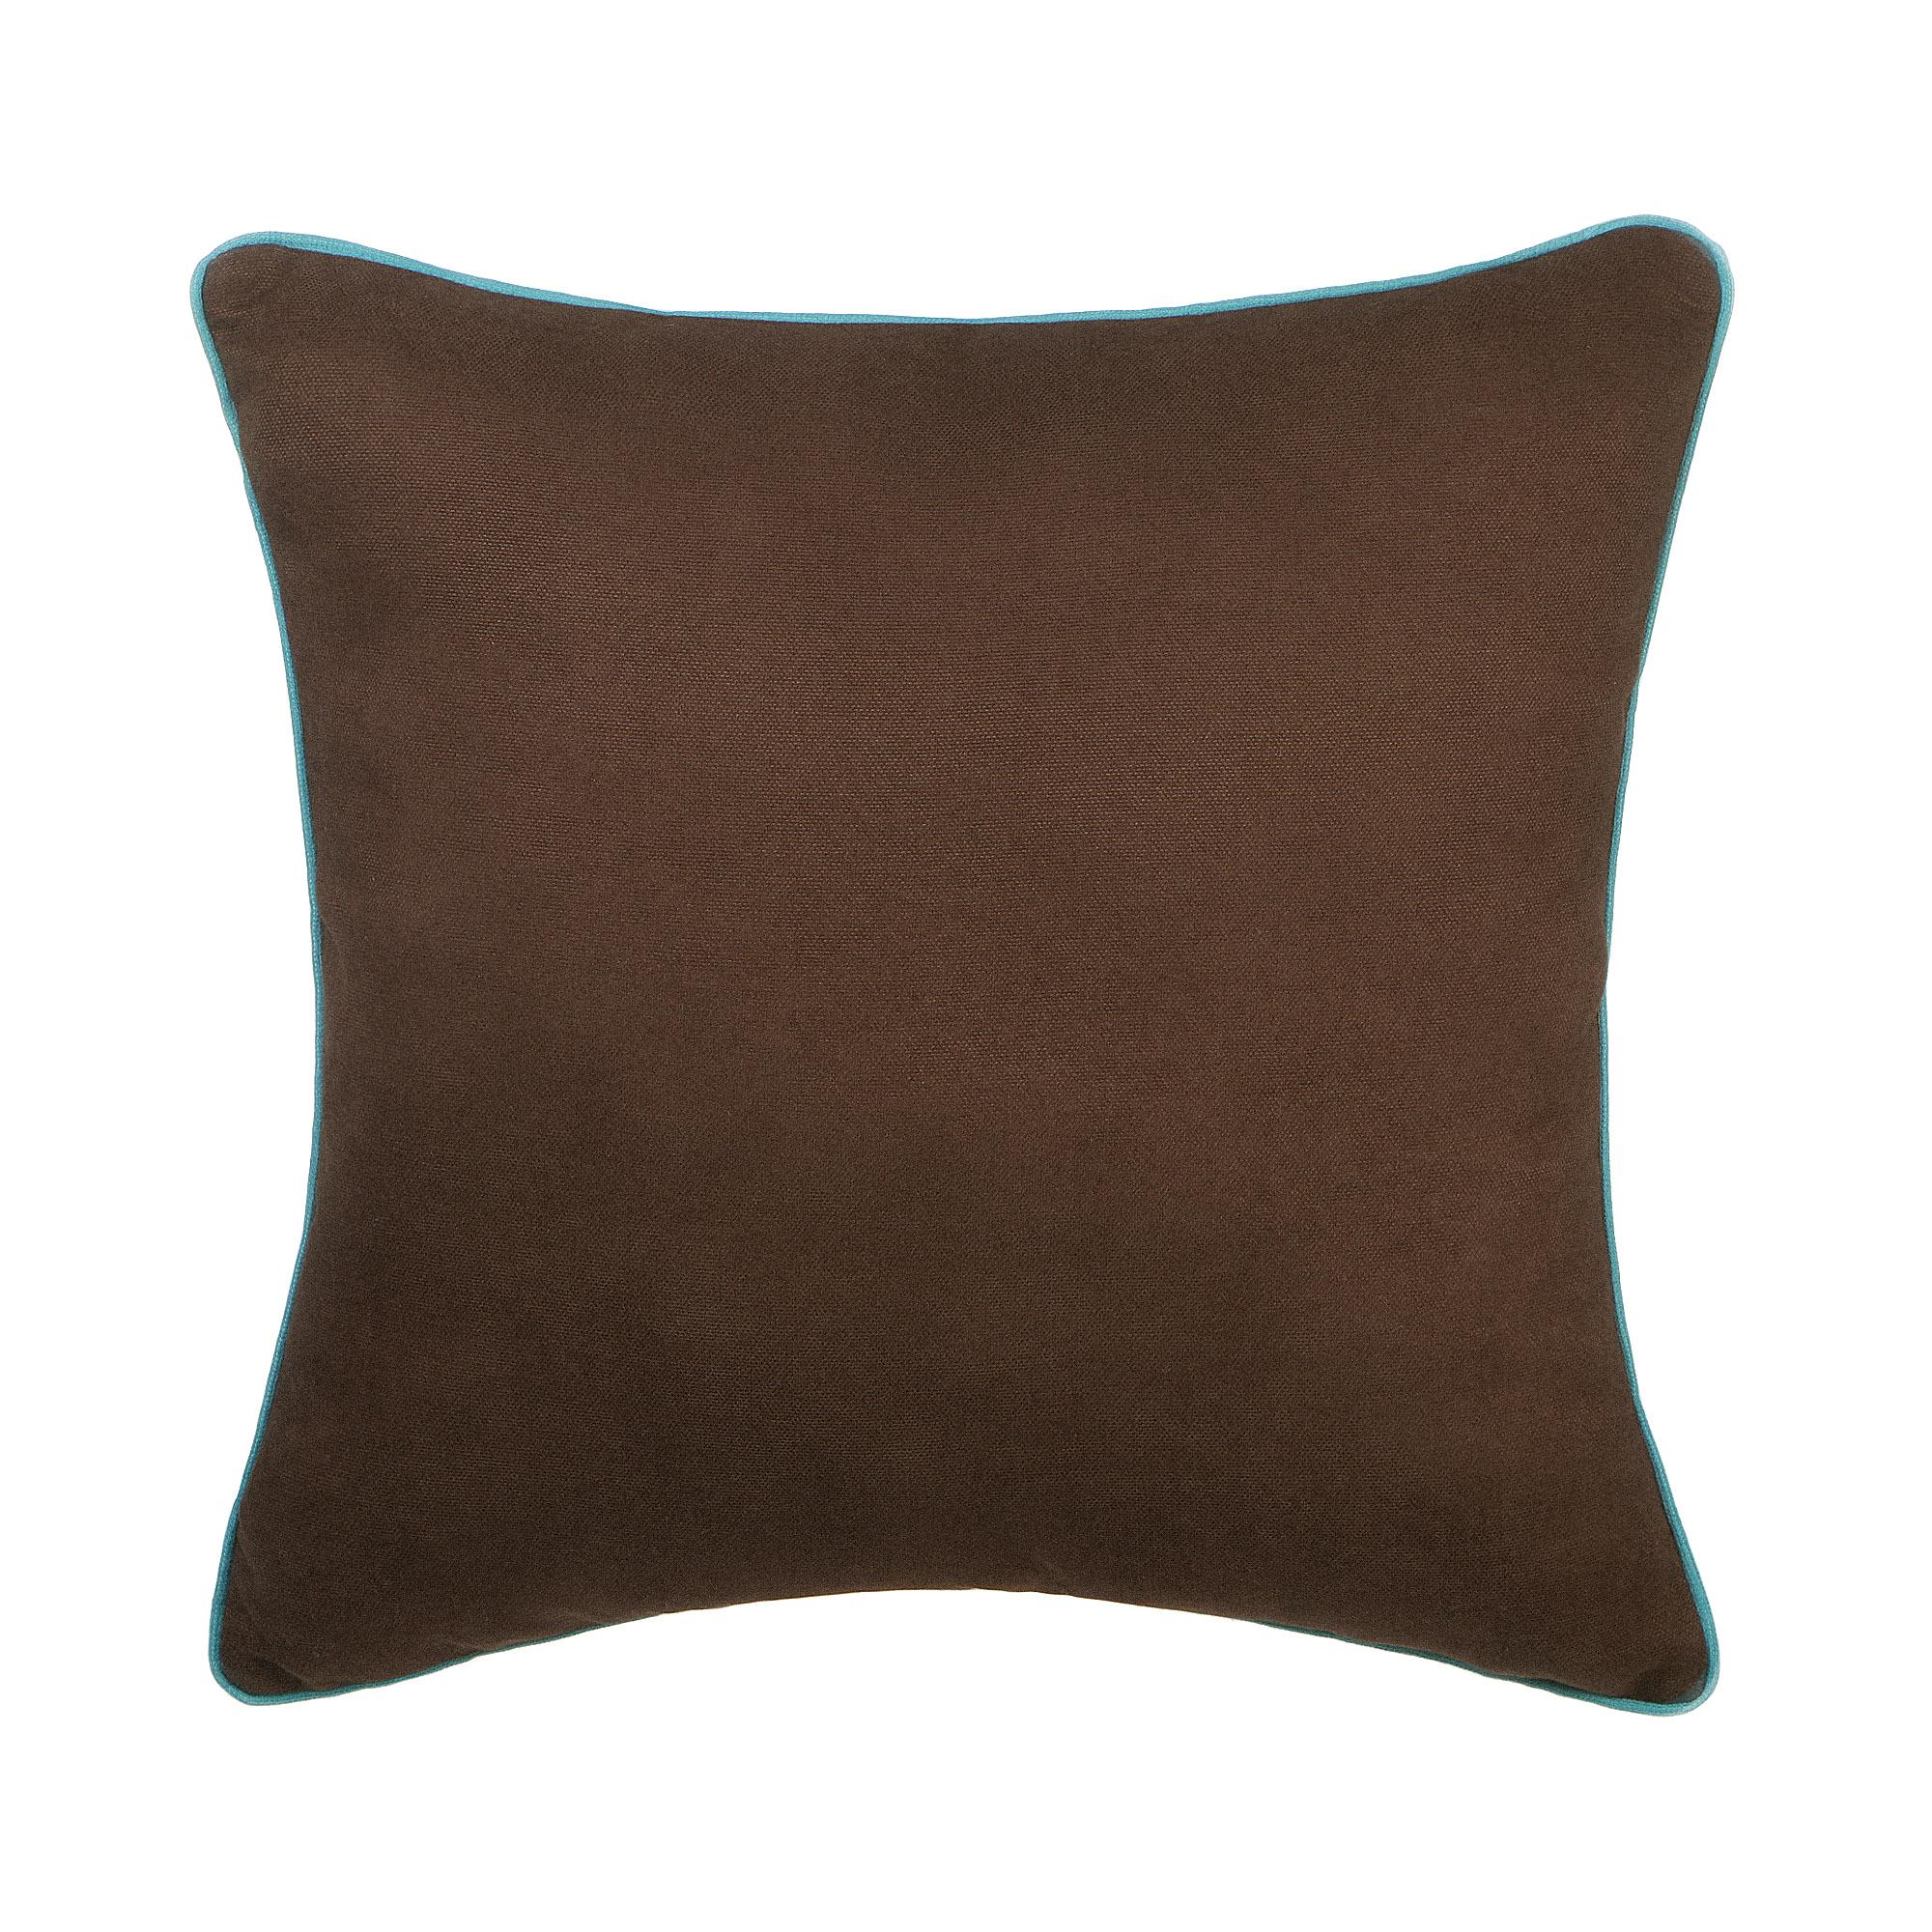 Декоративная подушка Sanpa Элиза коричневая 40х40 см подушка декоративная коллекция а6 камуфляж 40х40 см